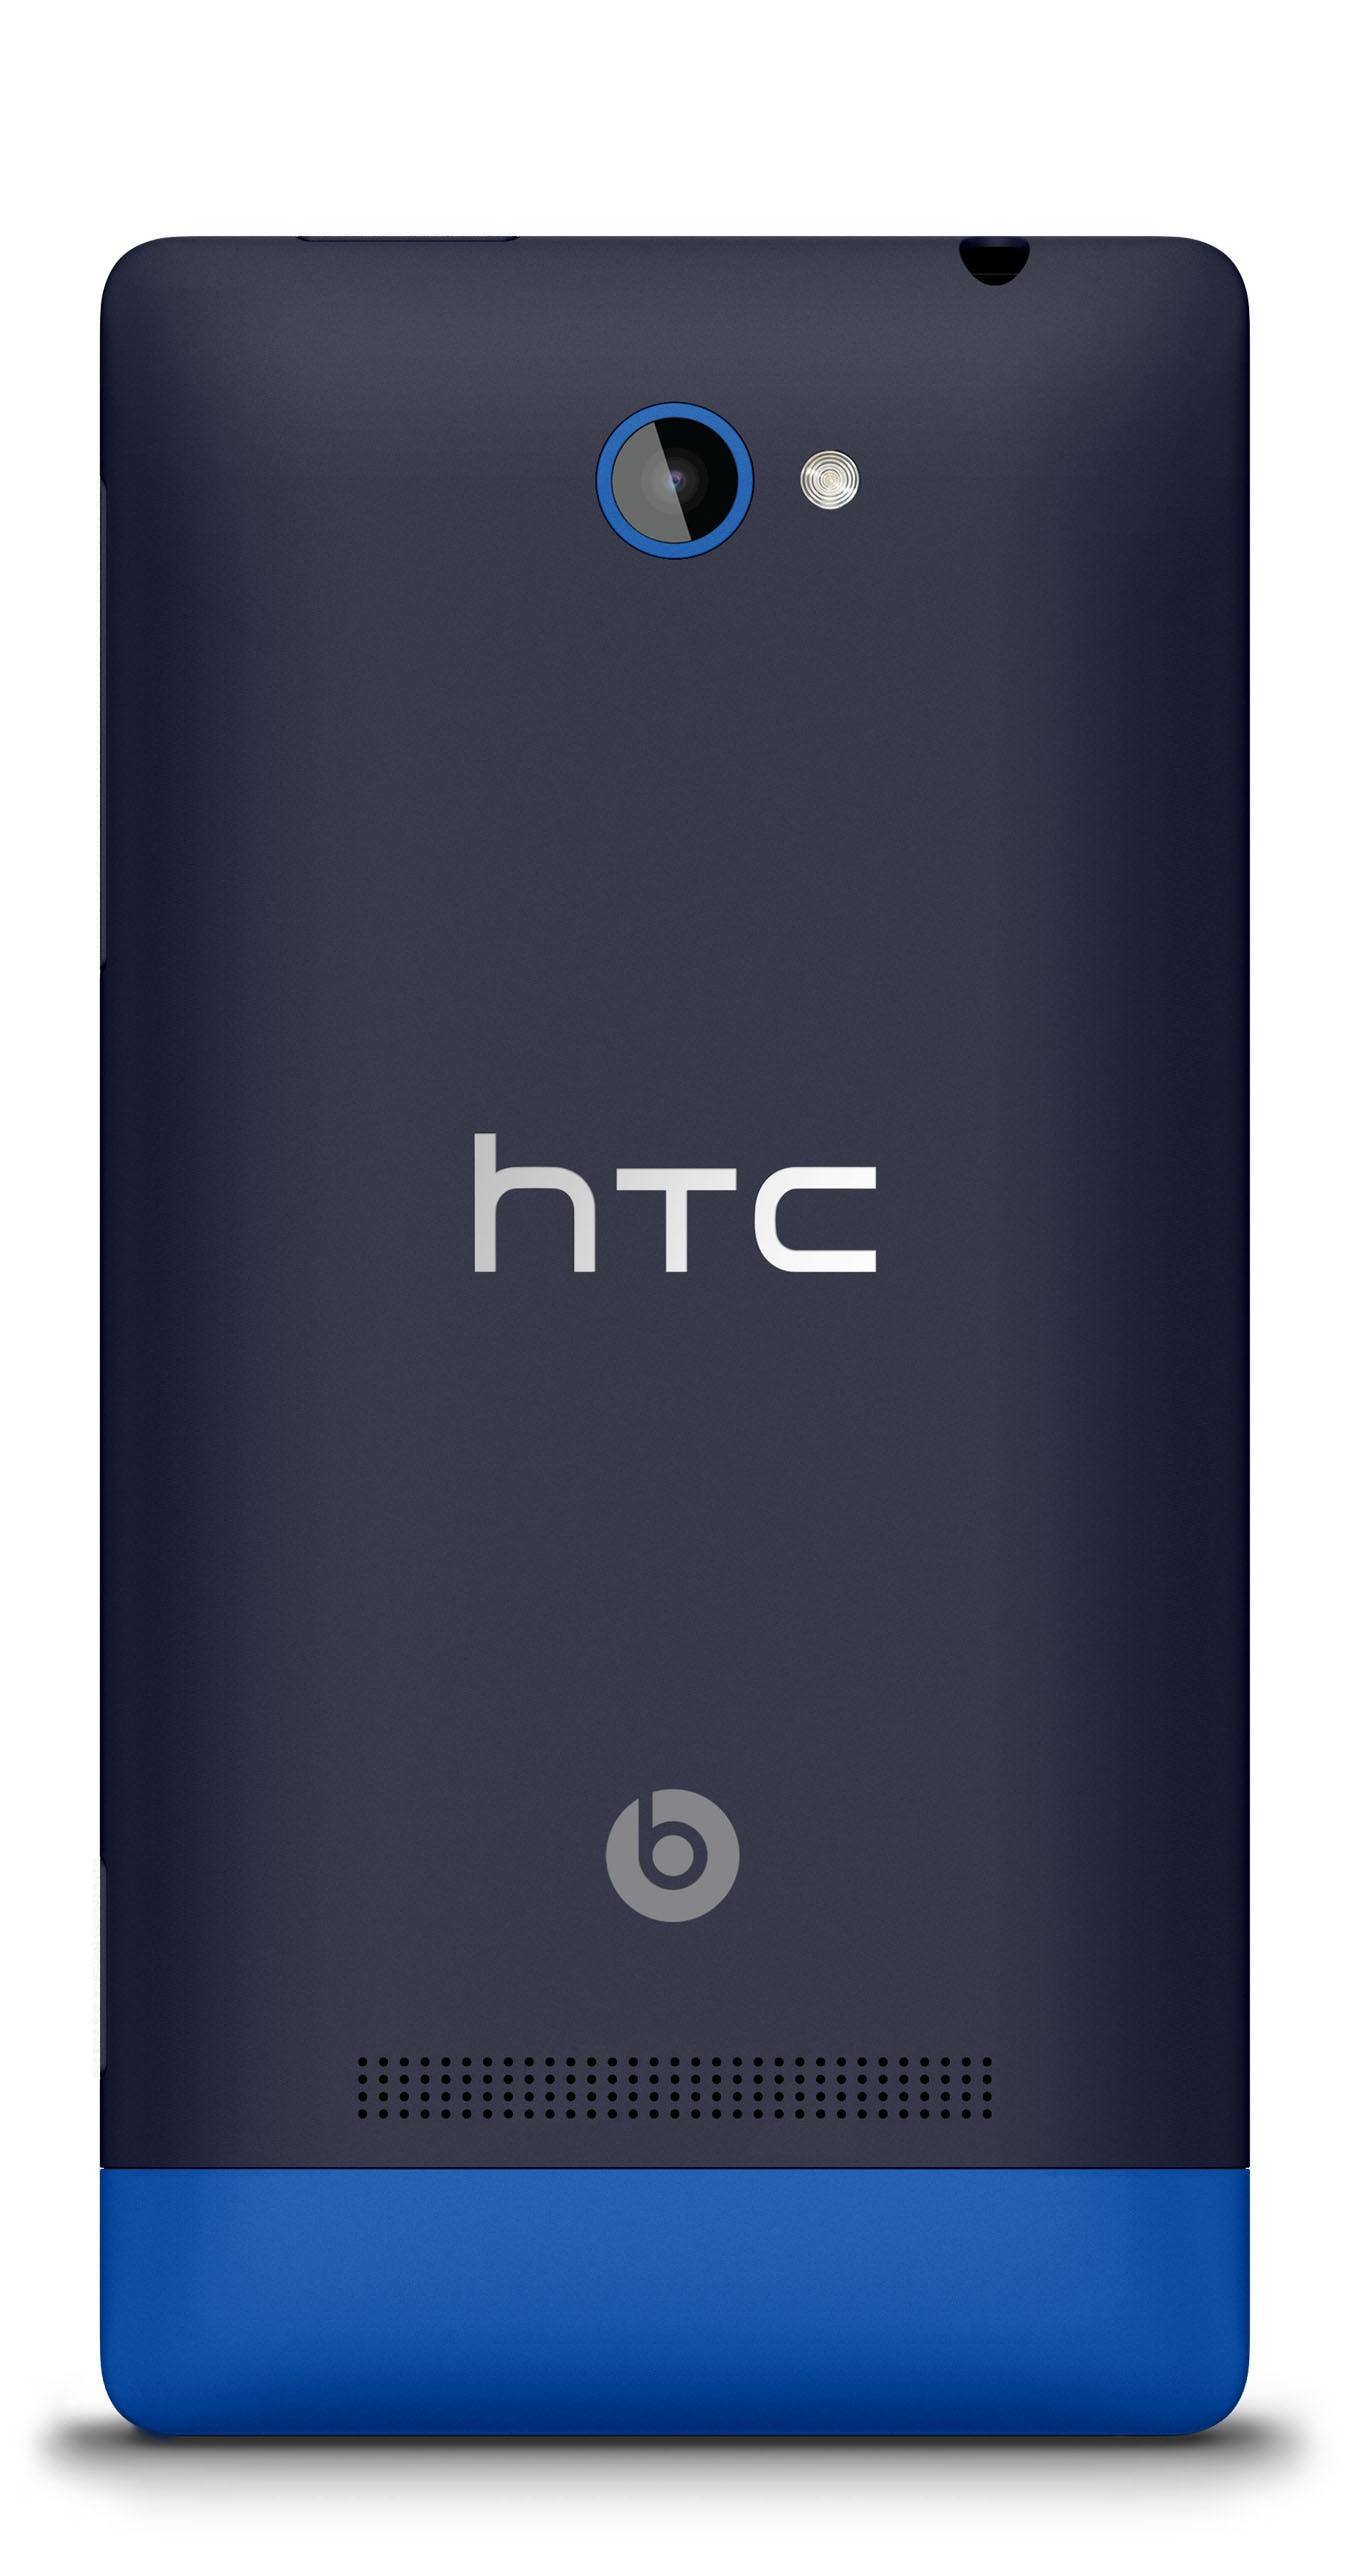 Скачать драйвер для htc 600 dual sim